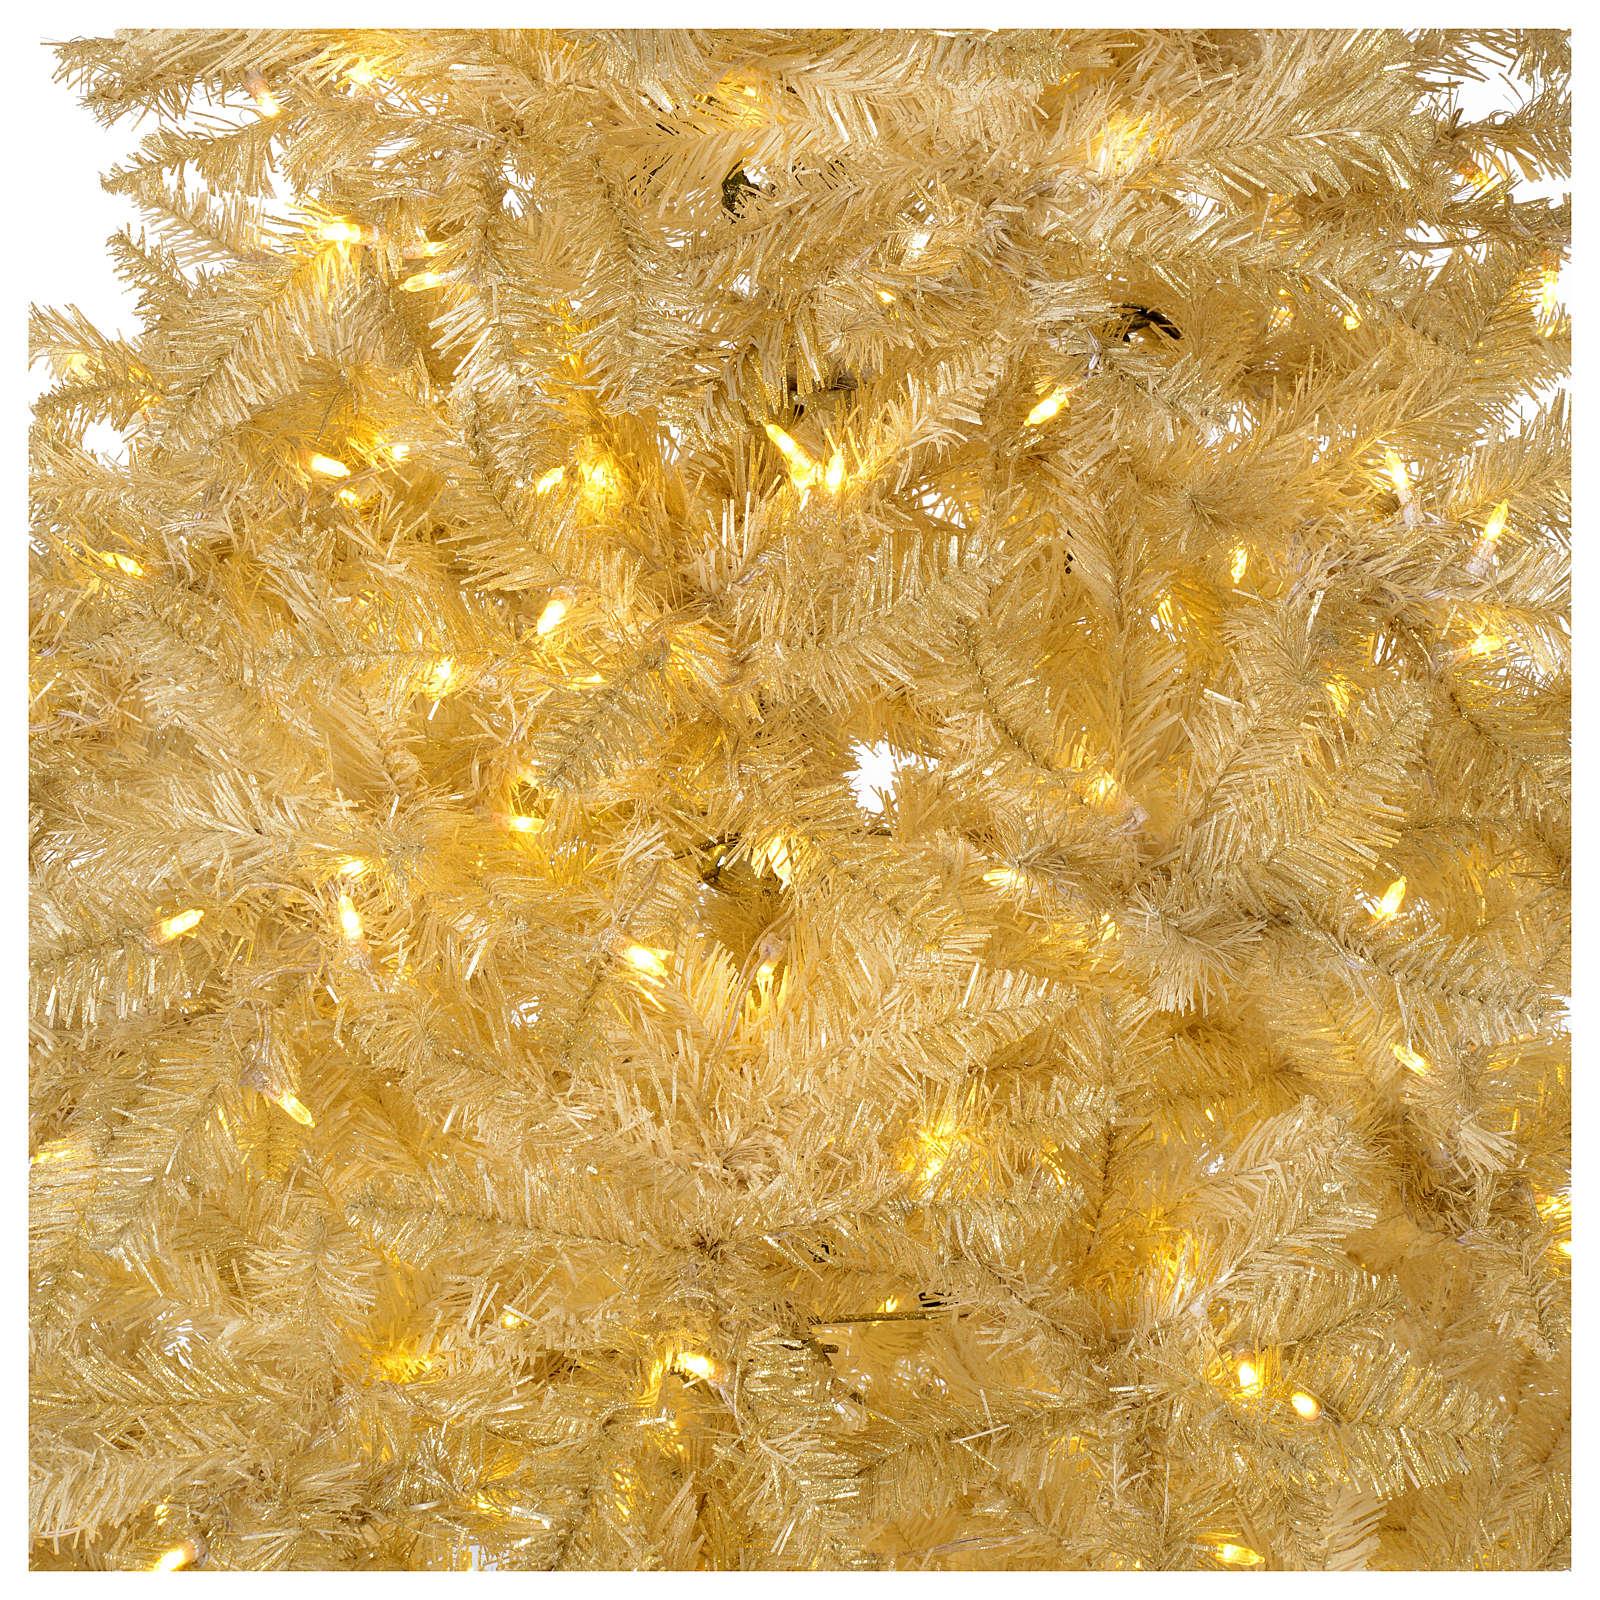 Elfenbeinfarbiger Weihnachtsbaum 270cm mit Glitter 800 Led 3